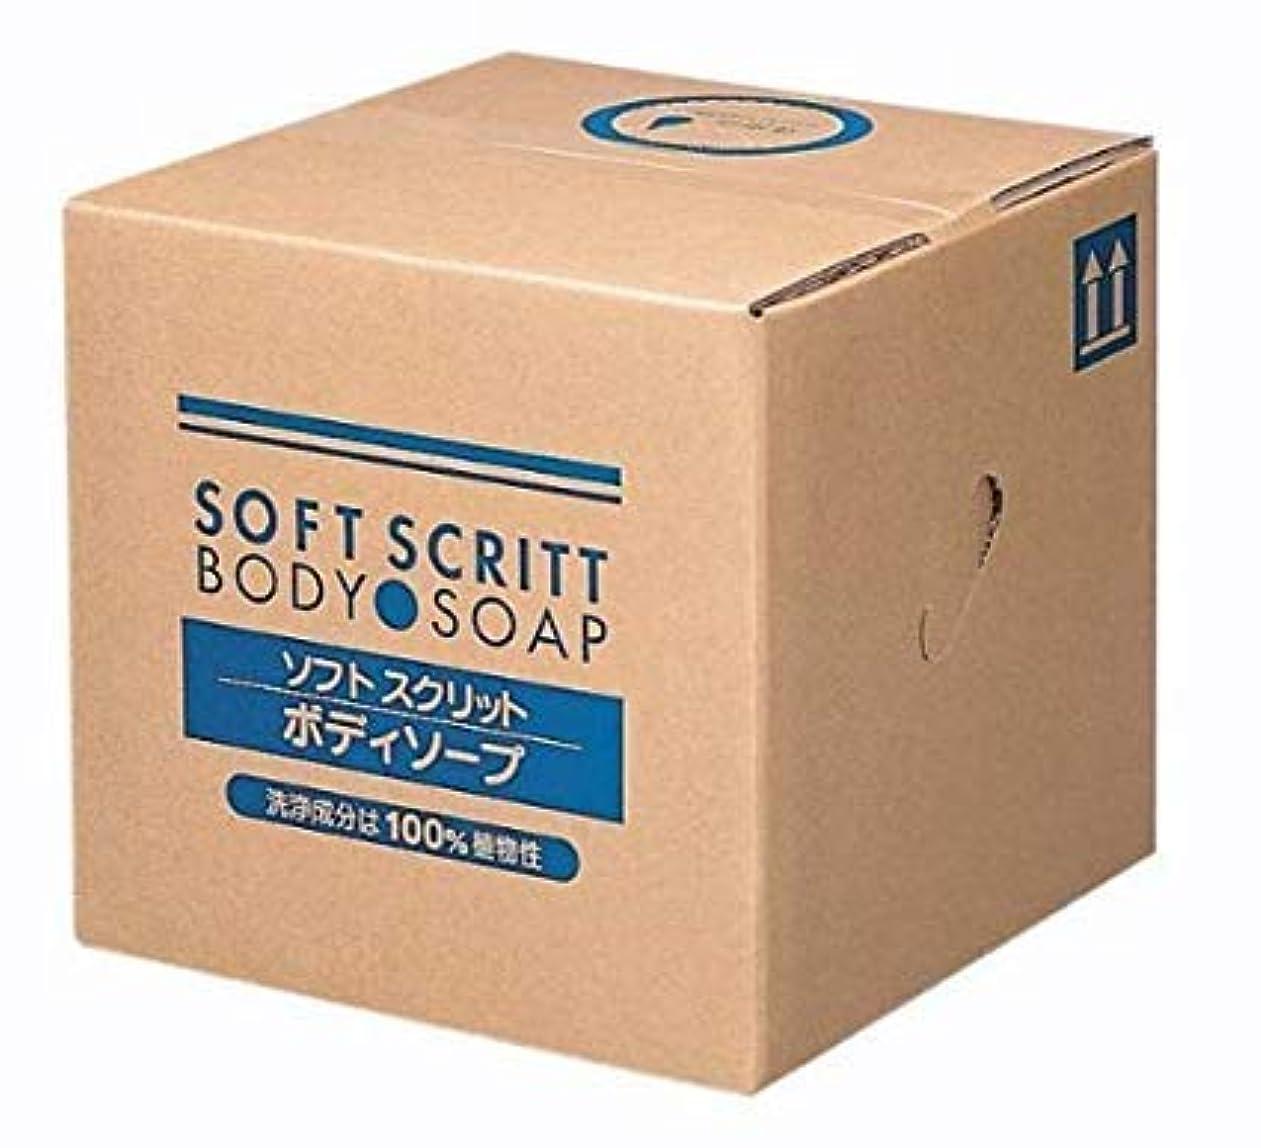 アカウントチェリーヒール業務用 SOFT SCRITT(ソフト スクリット) ボディソープ 18L 熊野油脂 コック無し